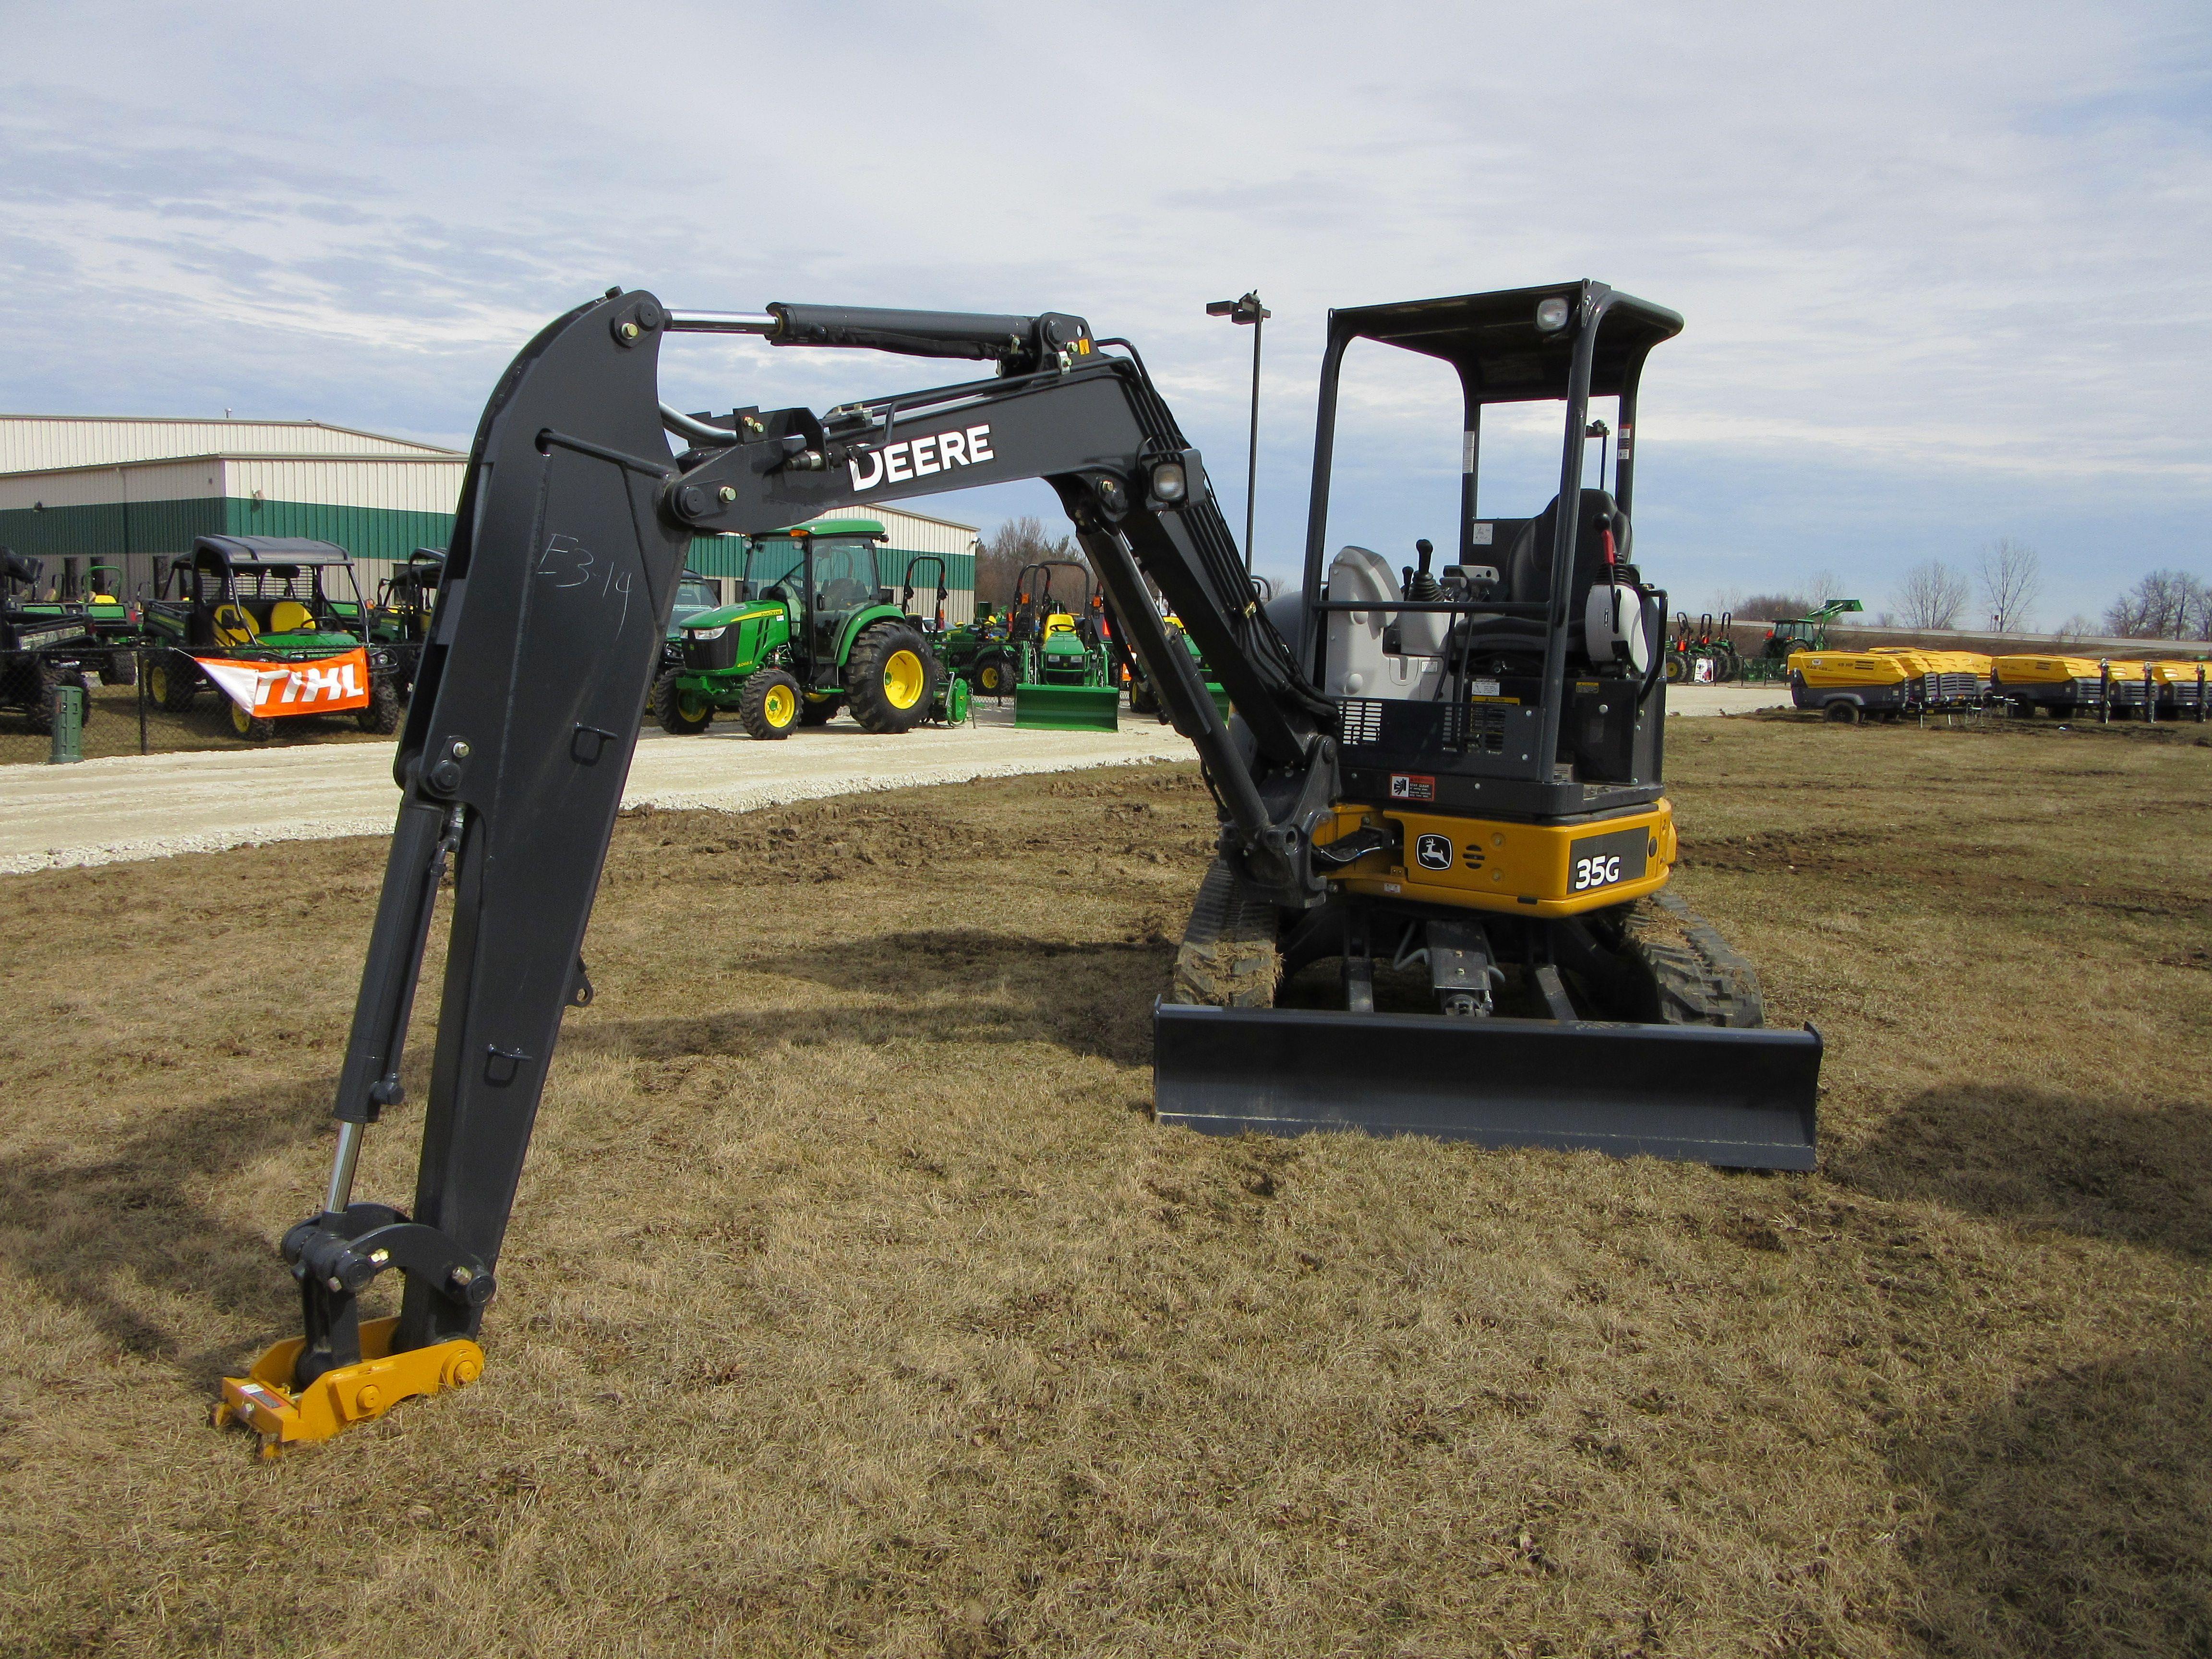 John Deere 35G 1 JD construction equipment Pinterest